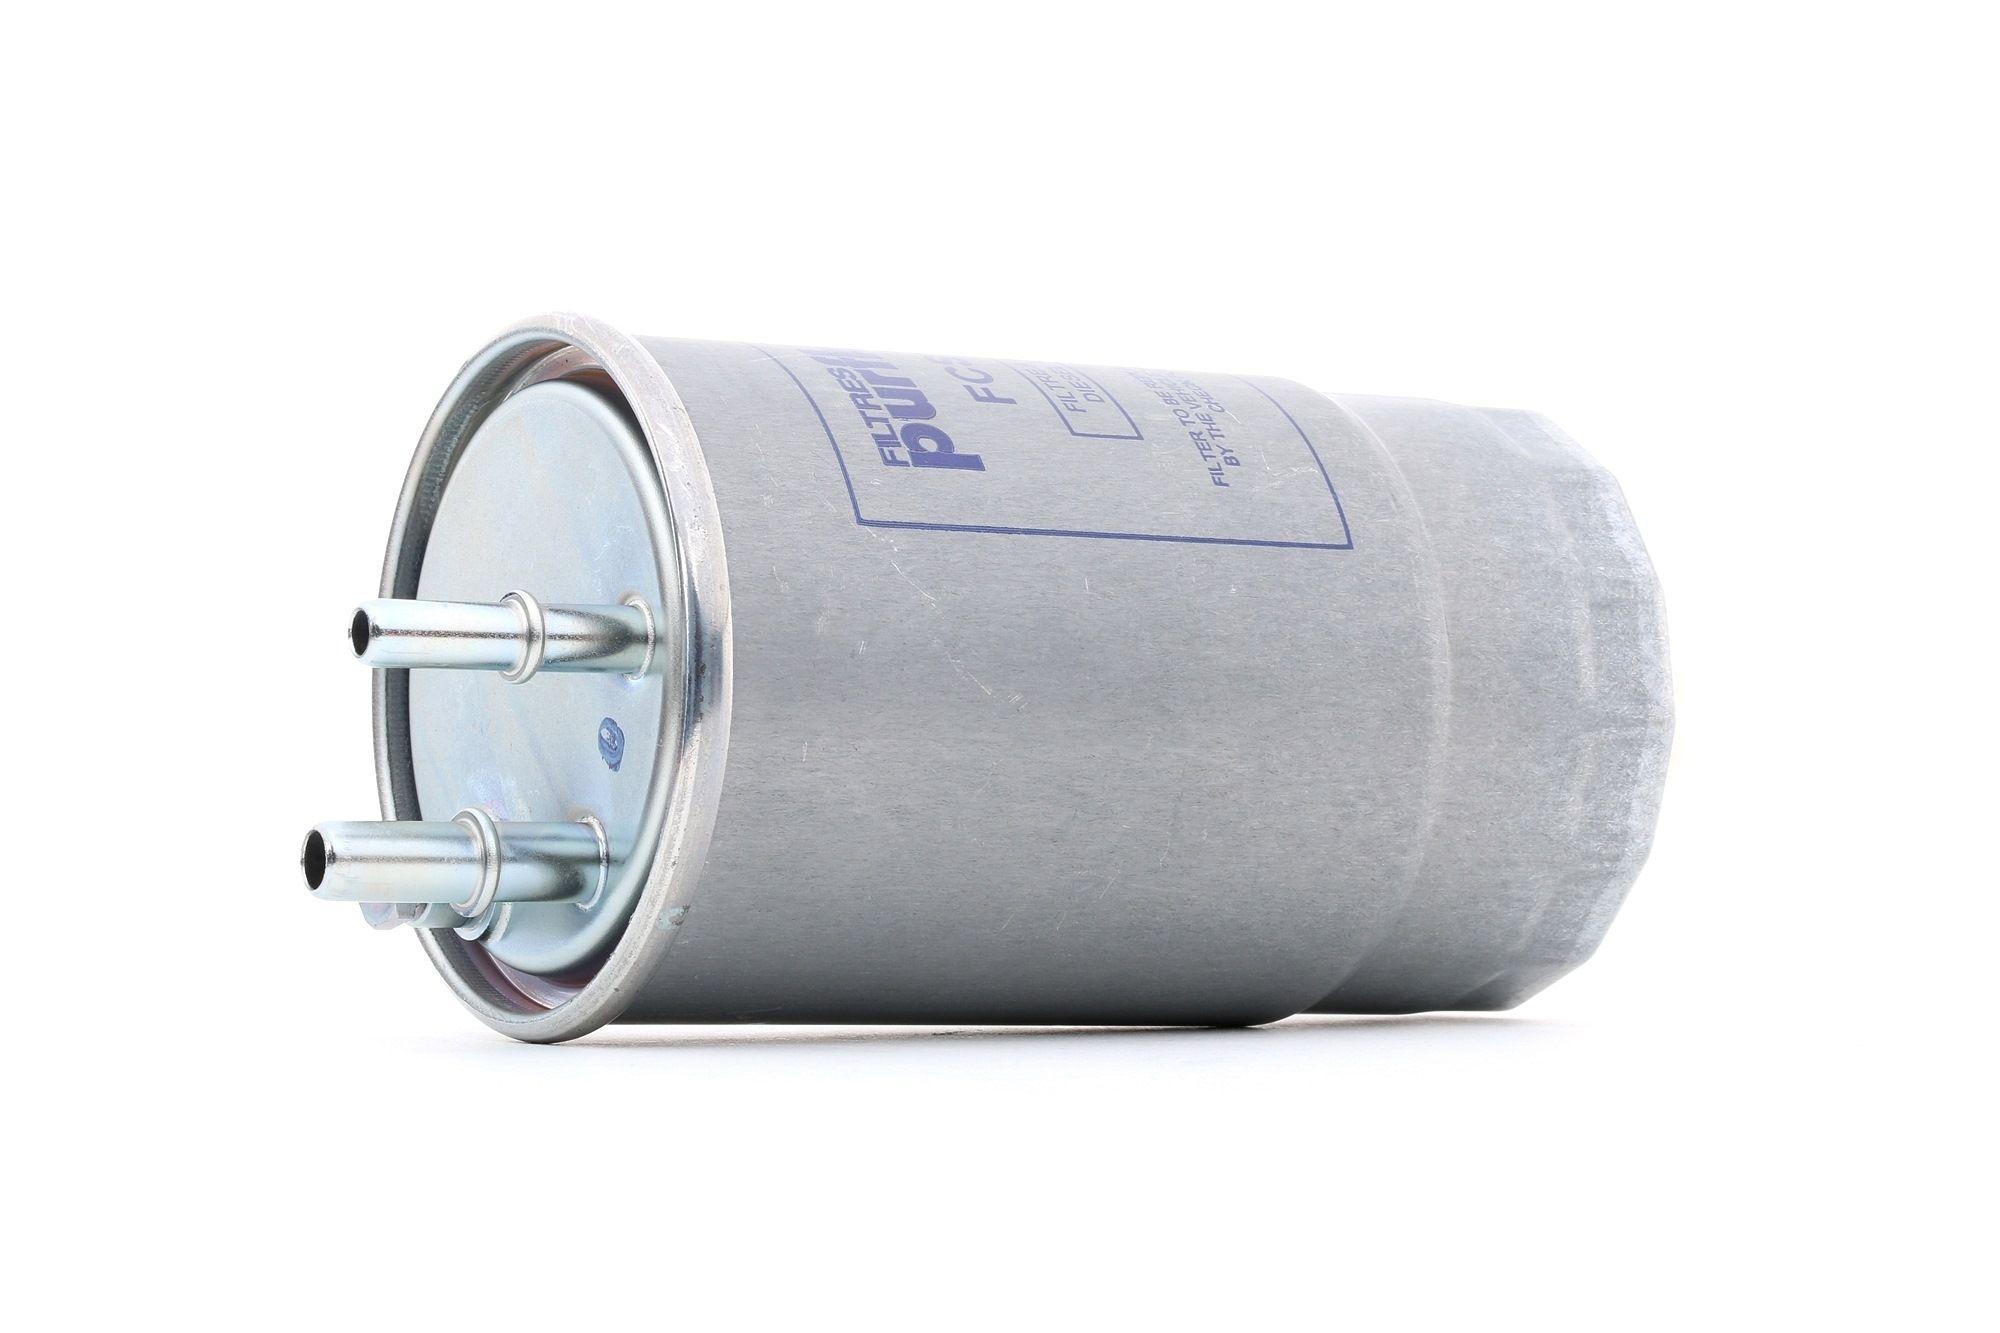 Achetez Filtre à carburant PURFLUX FCS722 (Hauteur: 206mm) à un rapport qualité-prix exceptionnel